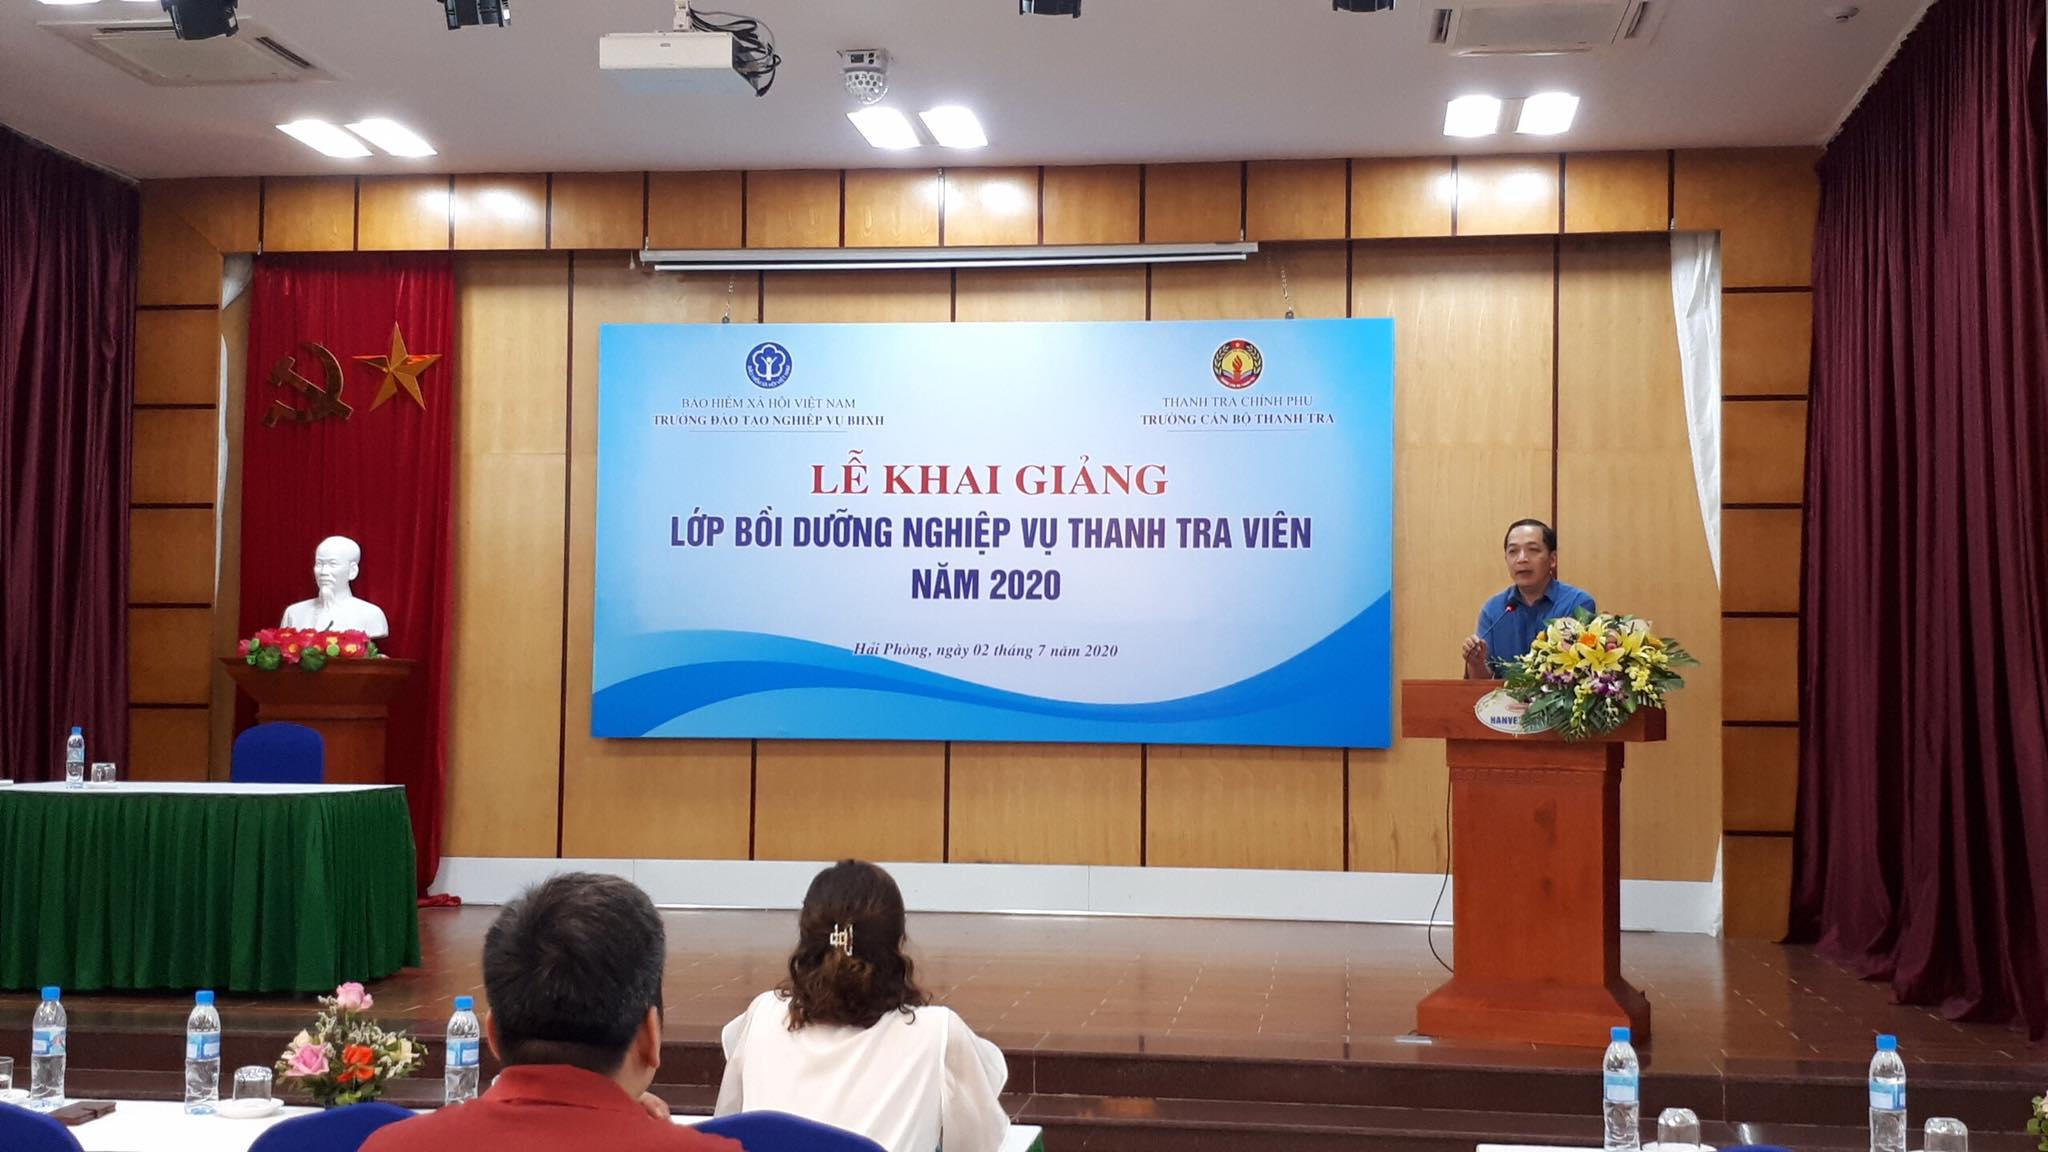 TS Nguyễn Huy Hoàng TTVCC Phó Hiệu trưởng trường CBTT phát biểu khai giang khóa học